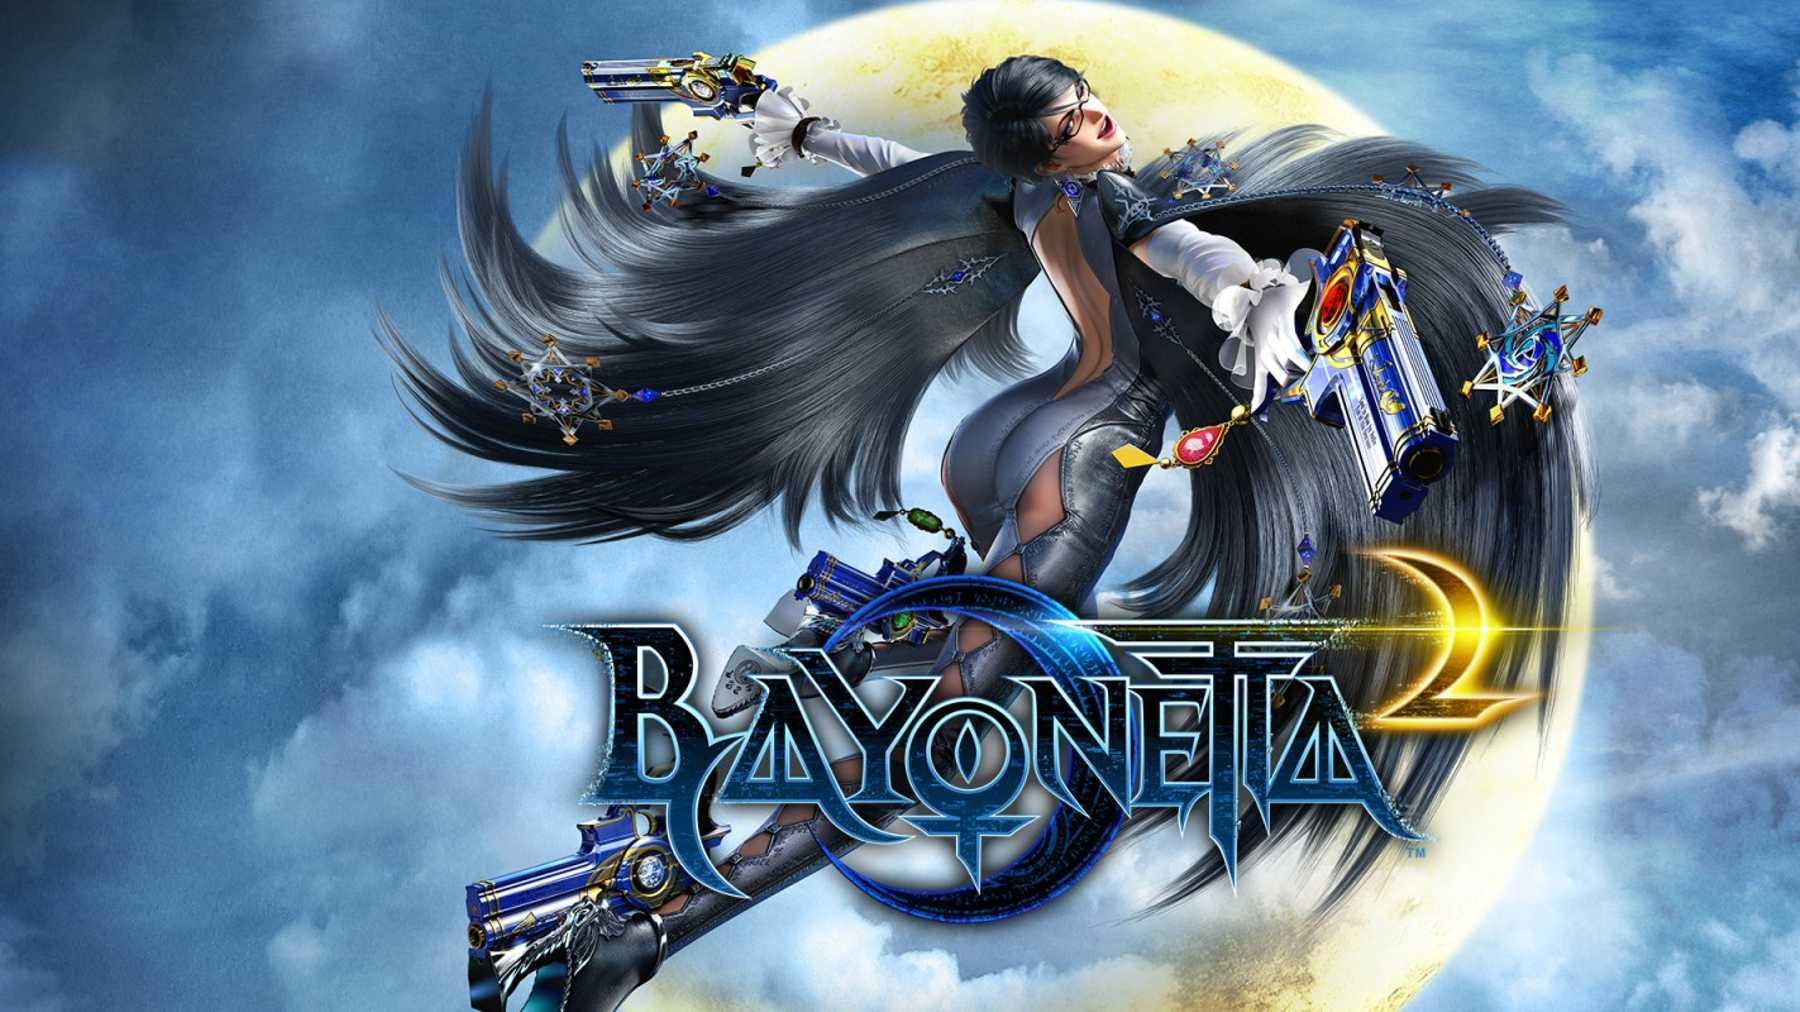 bayonetta134.jpg